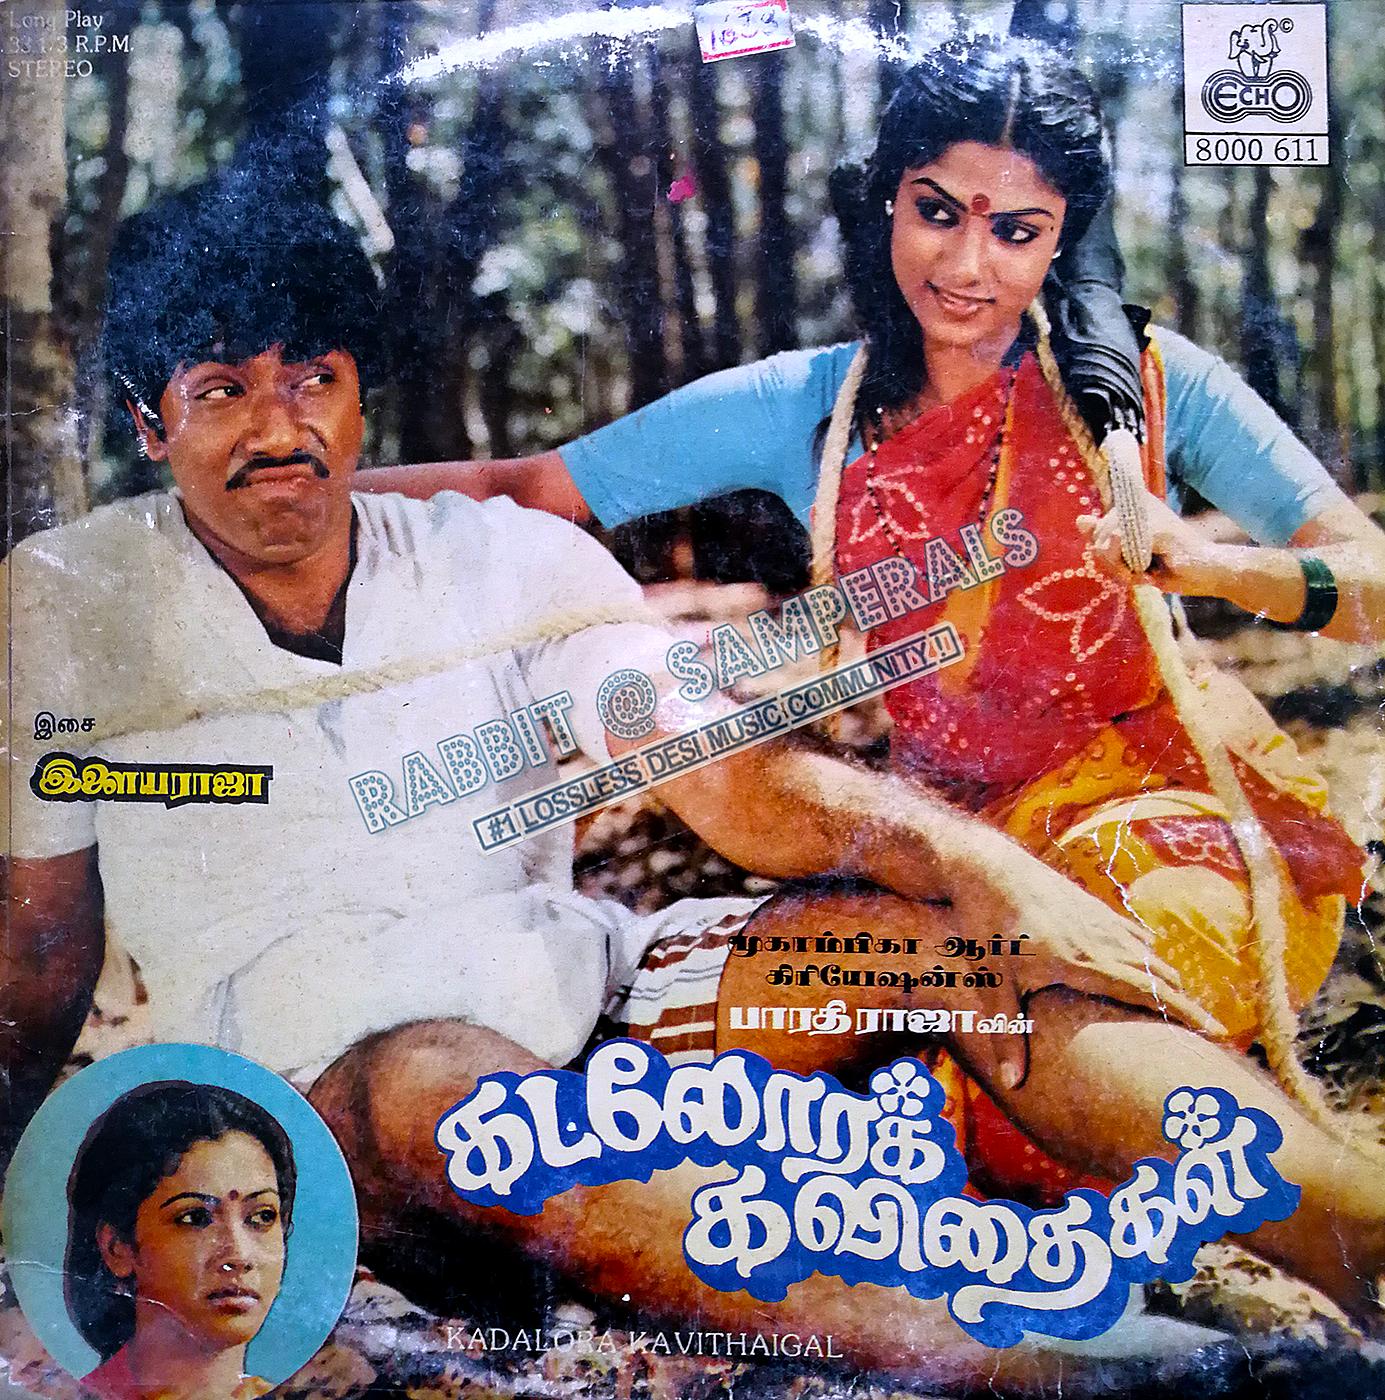 Kadalora Kavithaigal 1986 Lprip Wav 24bit 192khz Desi Music Vinyl Cover Lp Vinyl